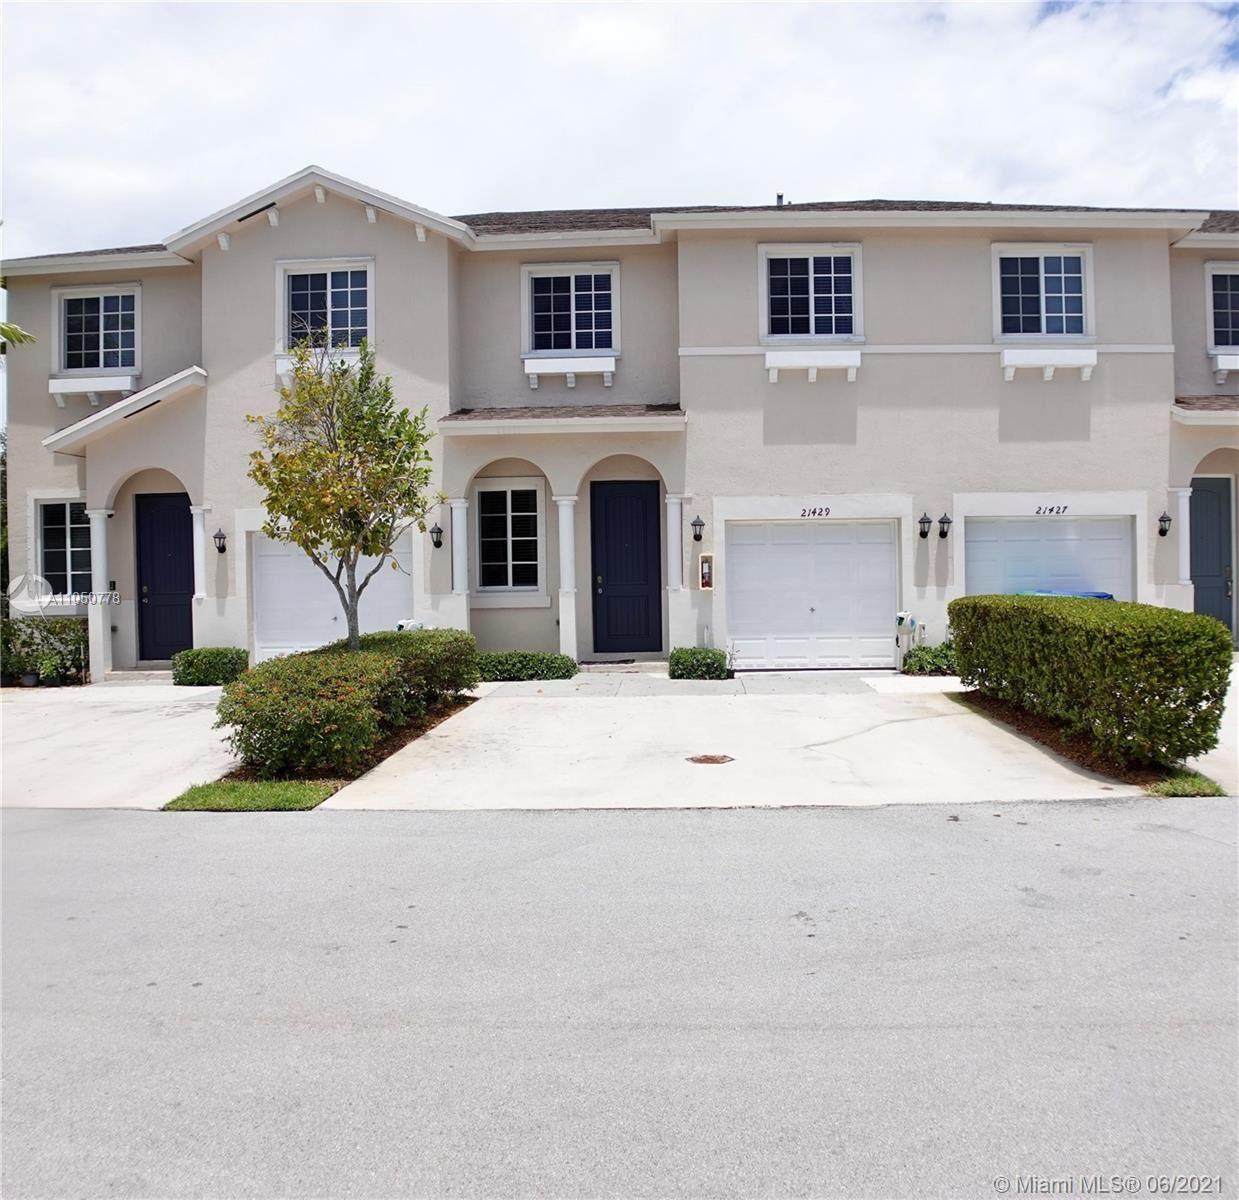 21429 NW 14th Ave #21429, Miami Gardens, FL 33169 - #: A11050778